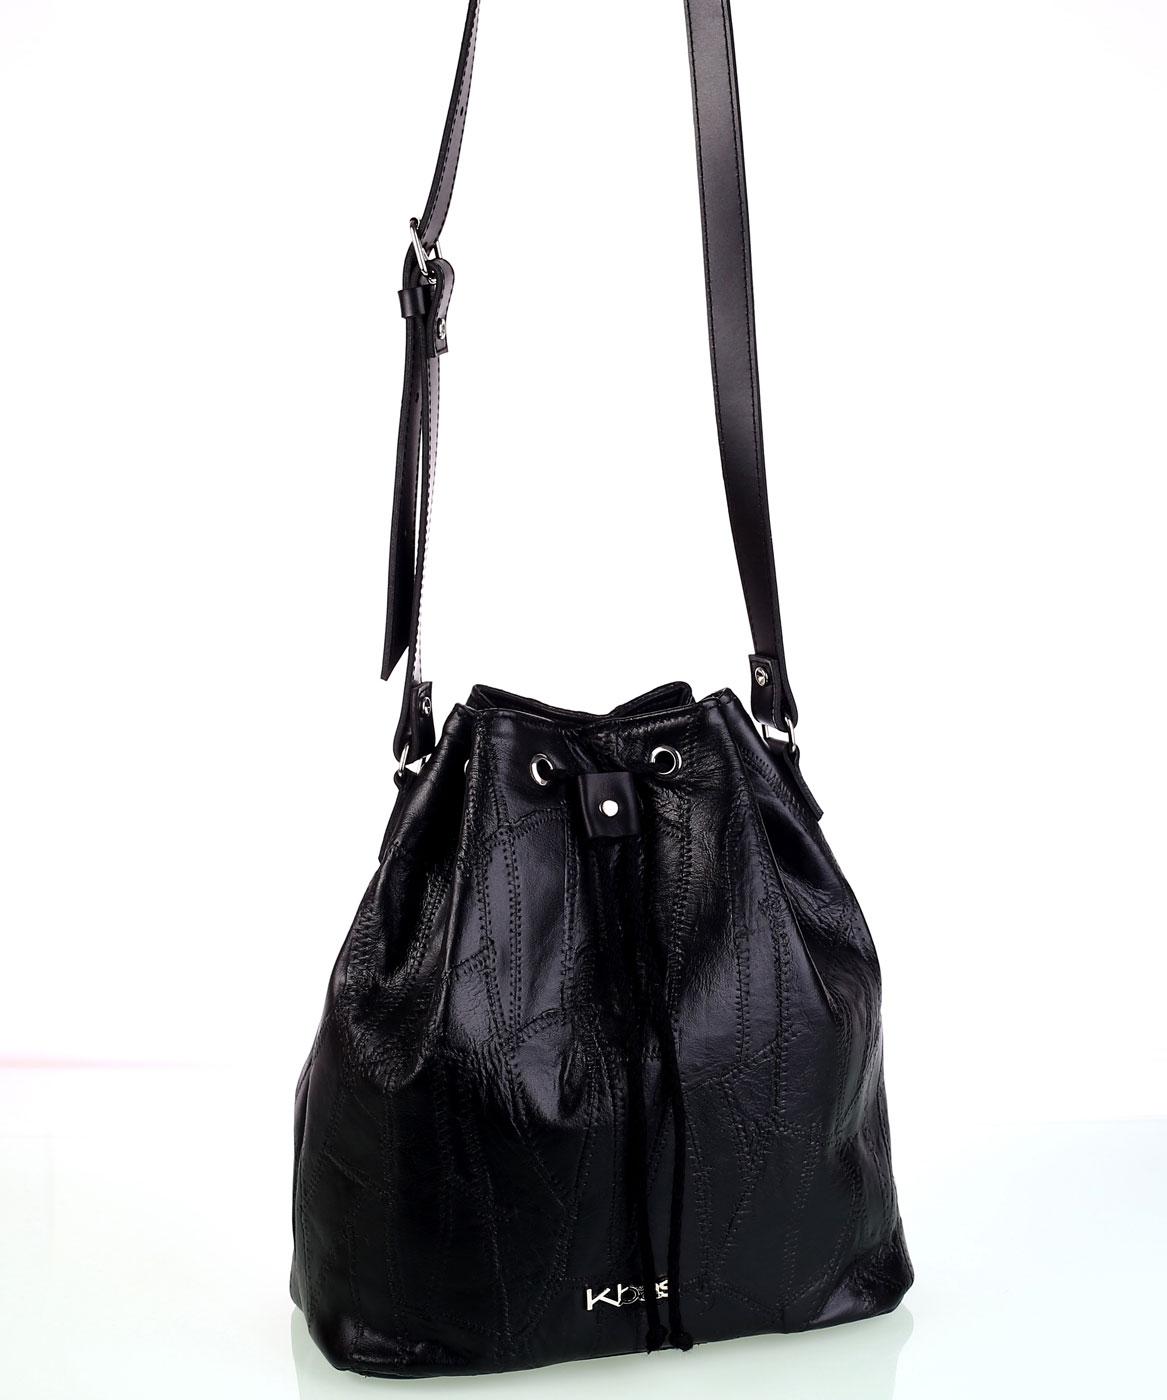 Dámska kožená kabelka cez rameno Kbas so sťahovacím zapínaním čierna ... cc7cd947397